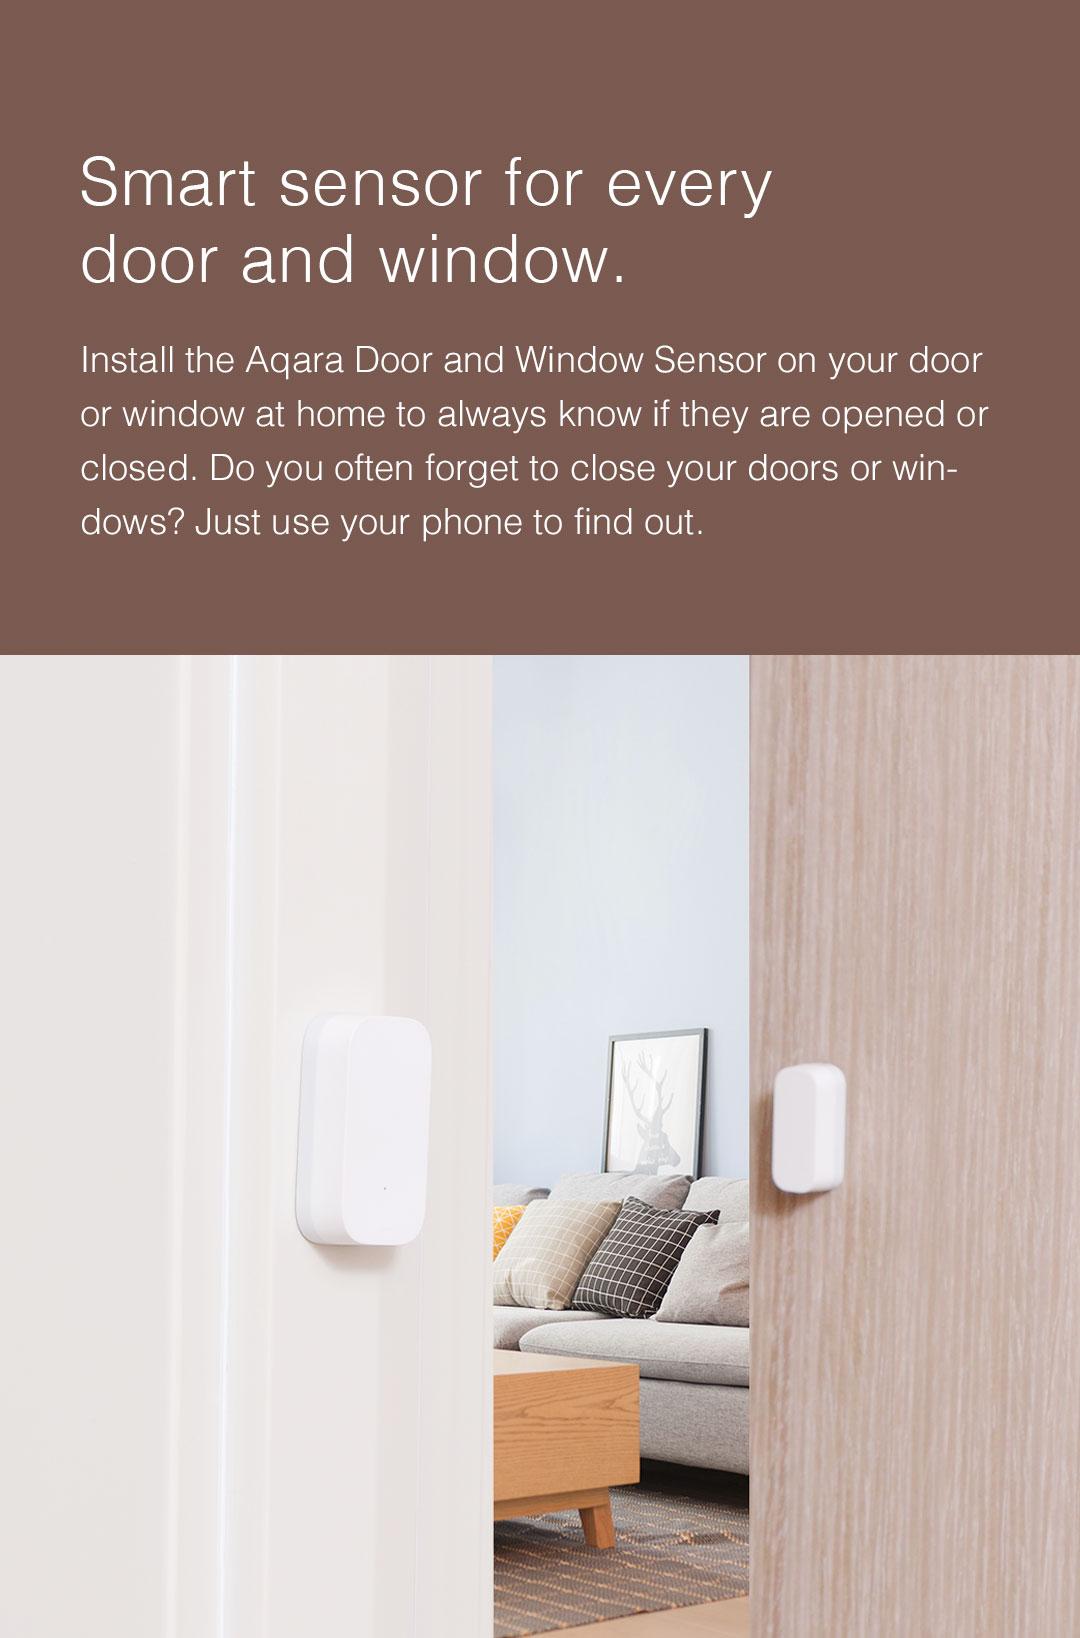 Smart Door/Window Sensor detects continously the status of your door or window